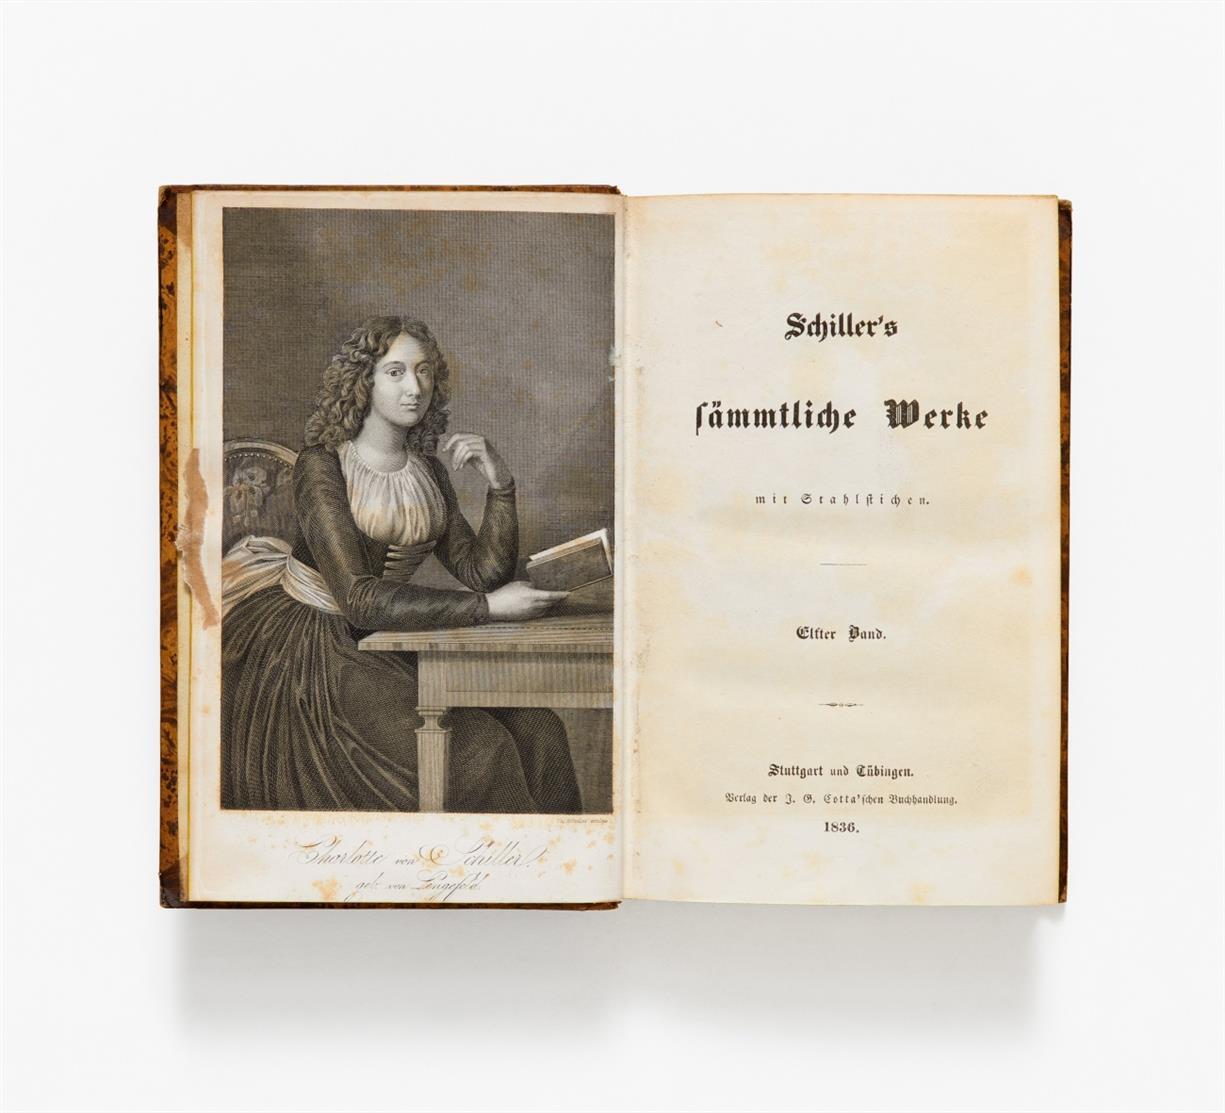 F. Schiller, Sämmtliche Werke. 12 Bde. Stgt. u. Tüb. 1835-1836. + 2 Bde. Suppl. von Hoffmeister. Ebda 1838.